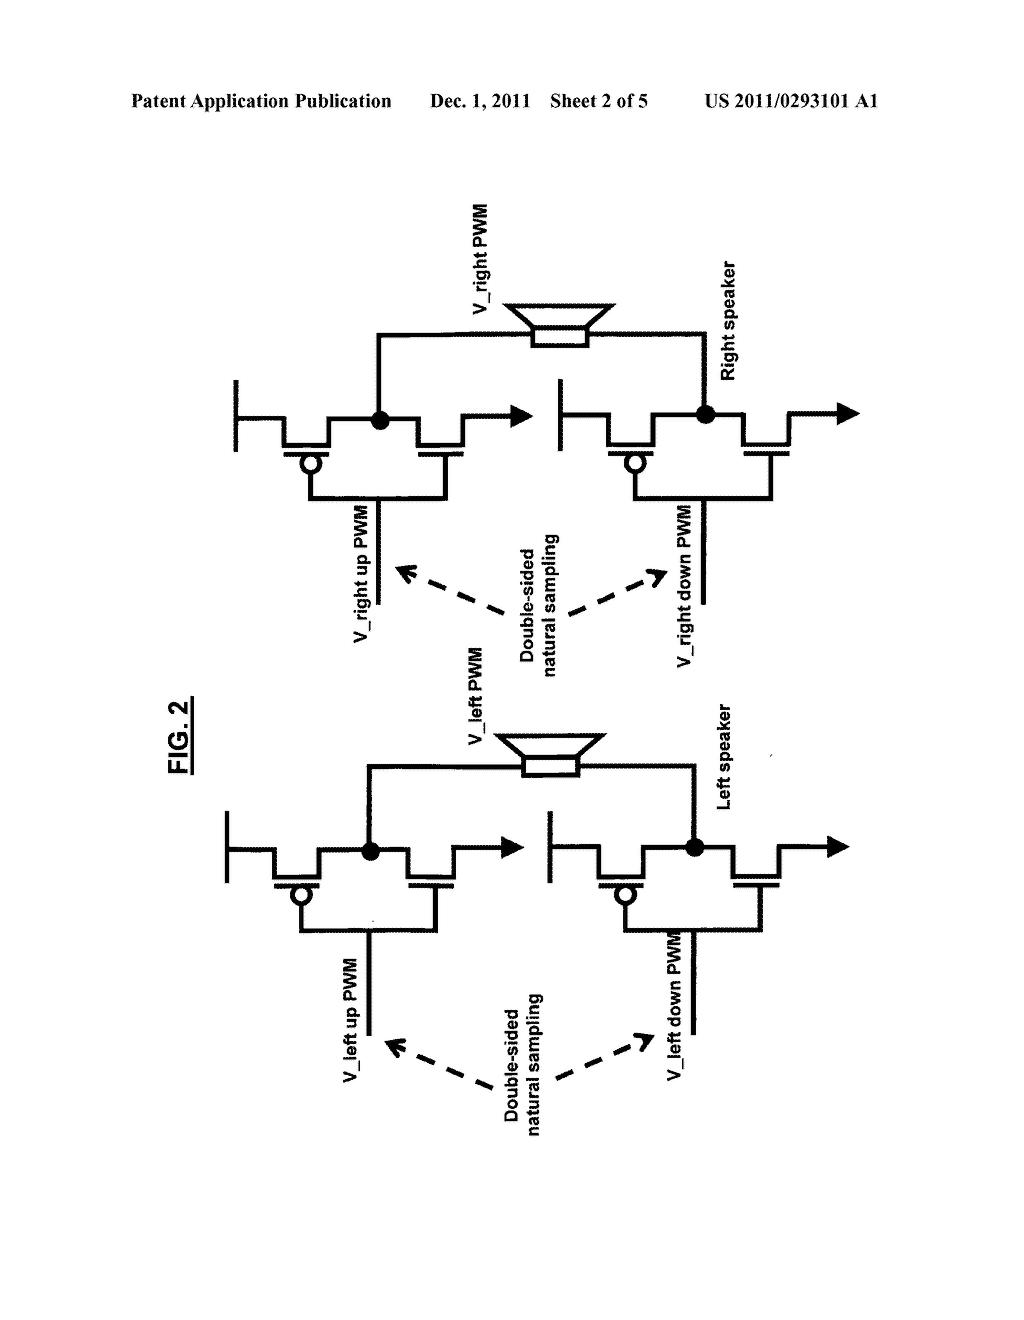 Sensational M Bridge Class D Audio Amplifier Diagram Schematic And Image 03 Wiring Cloud Hisonuggs Outletorg